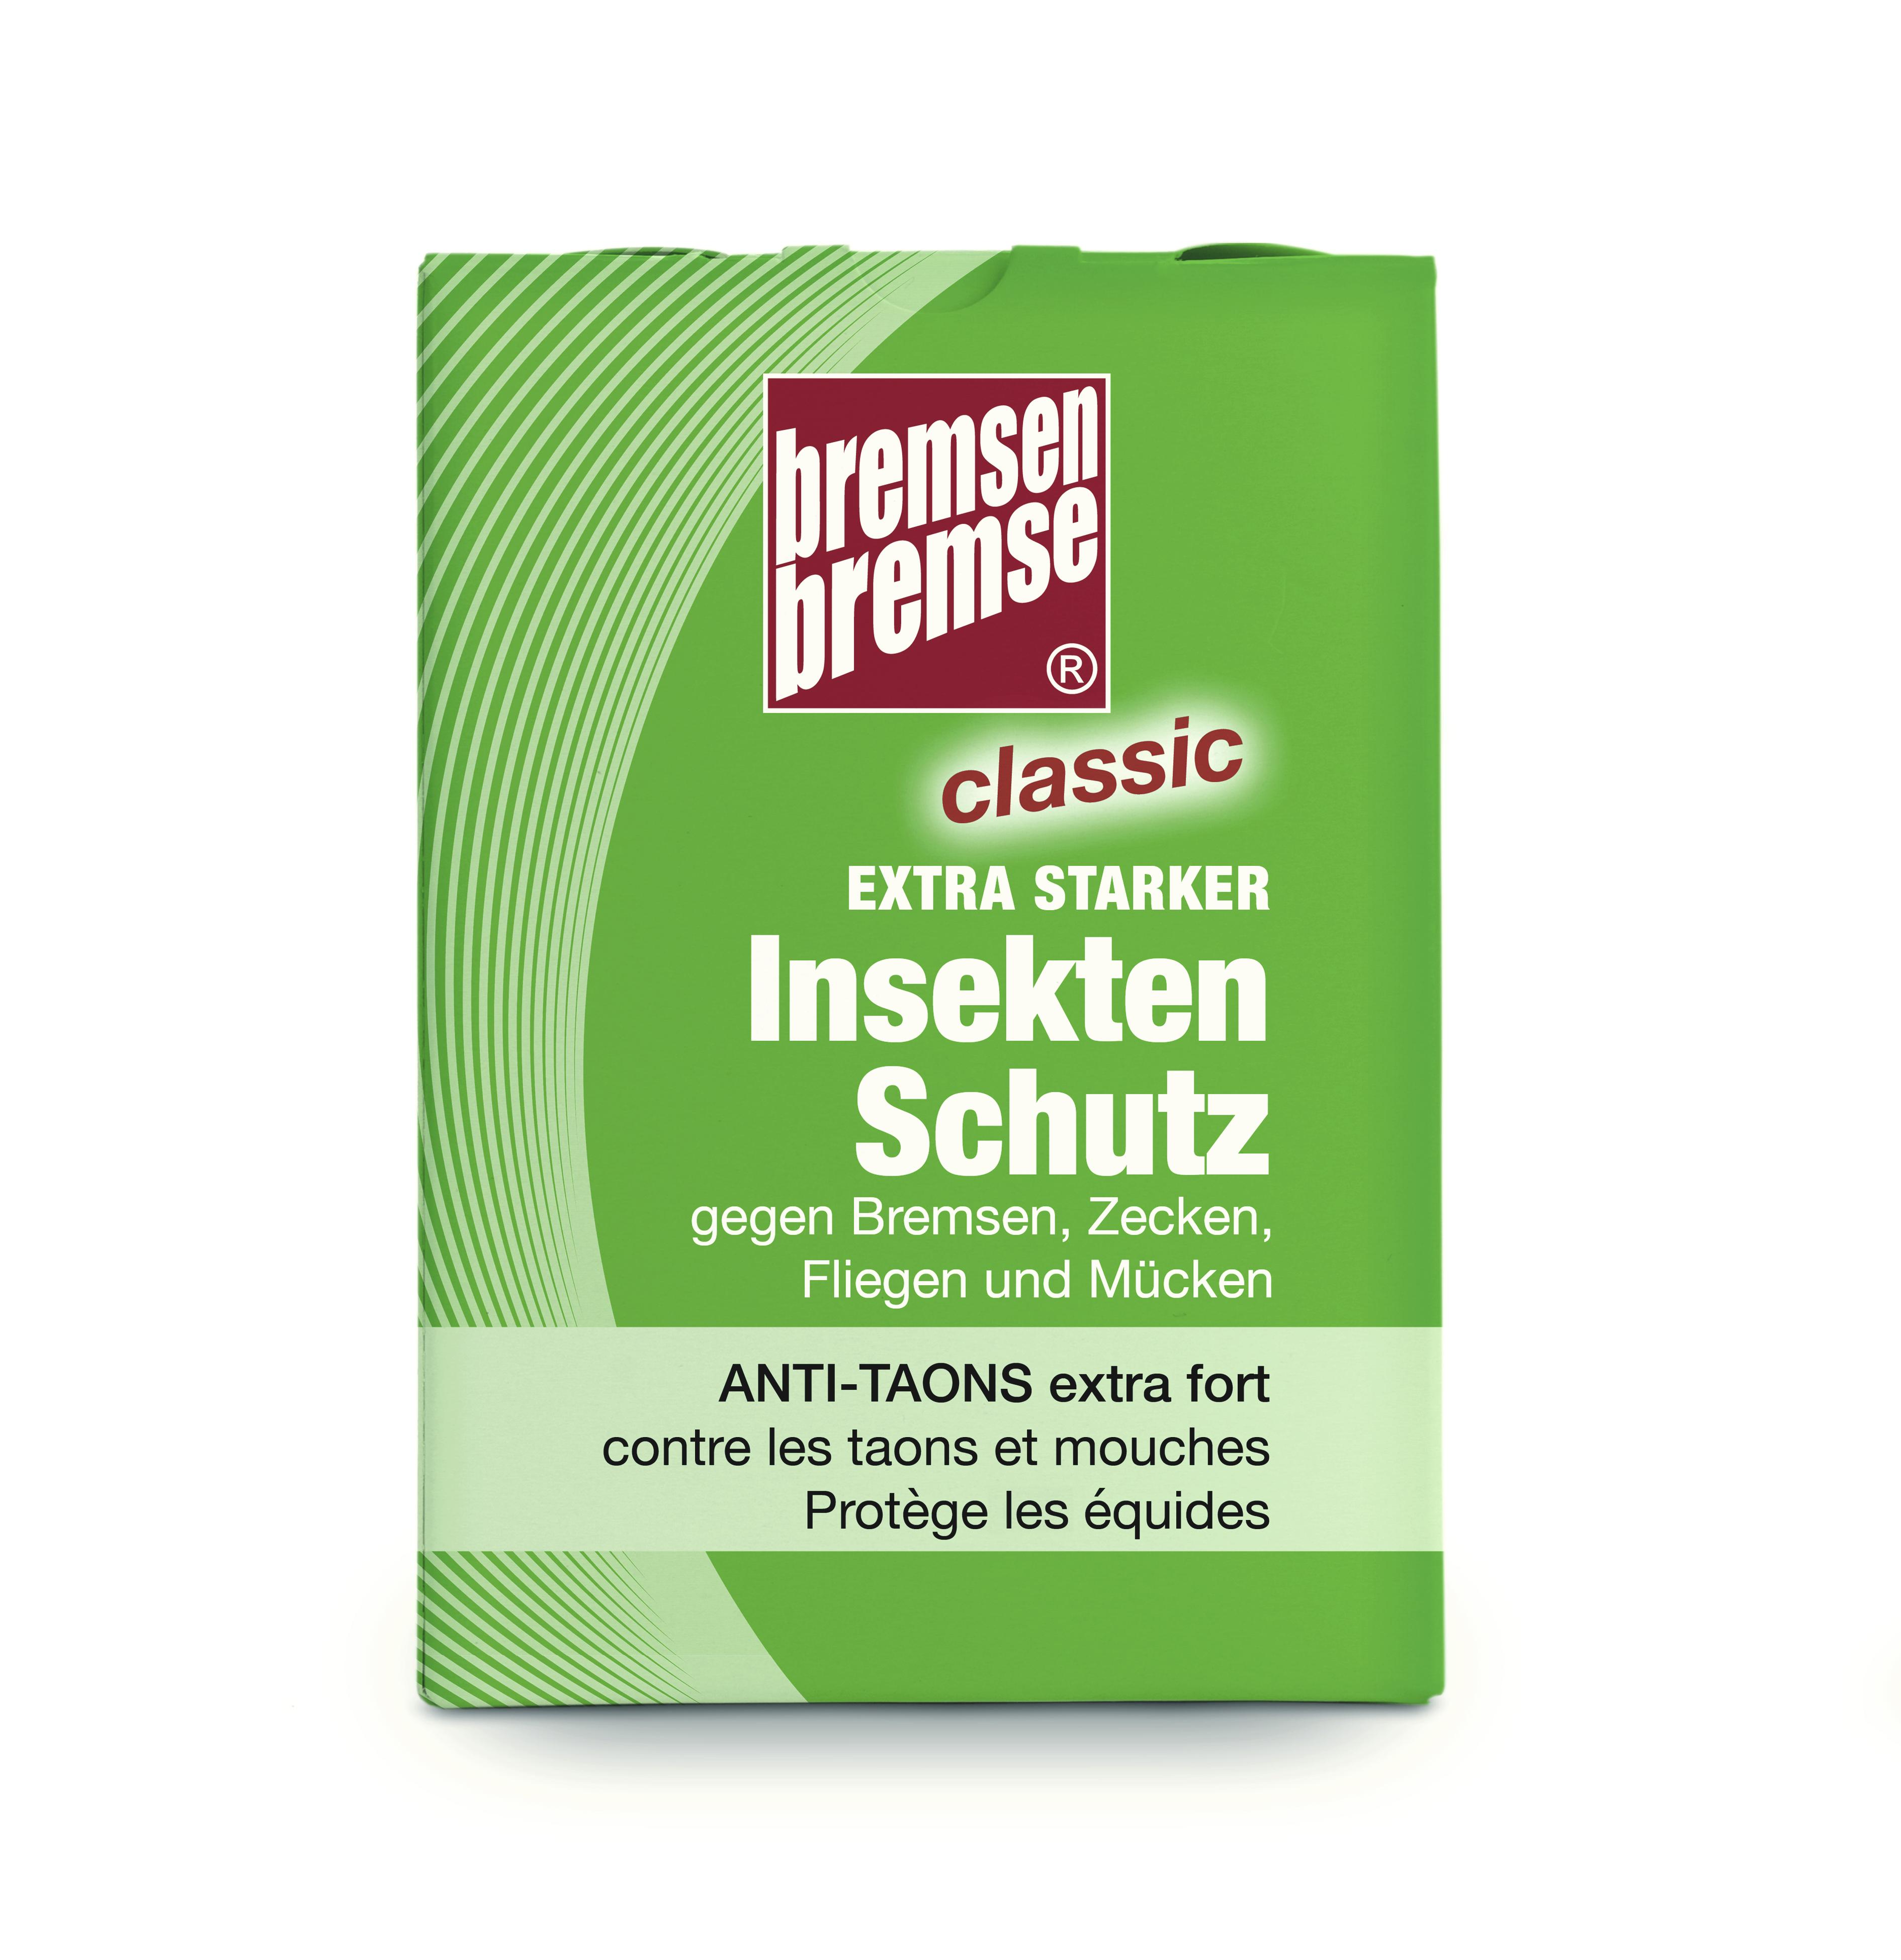 Zedan 2L Bremsen-Bremse Classic Bag-in-Box